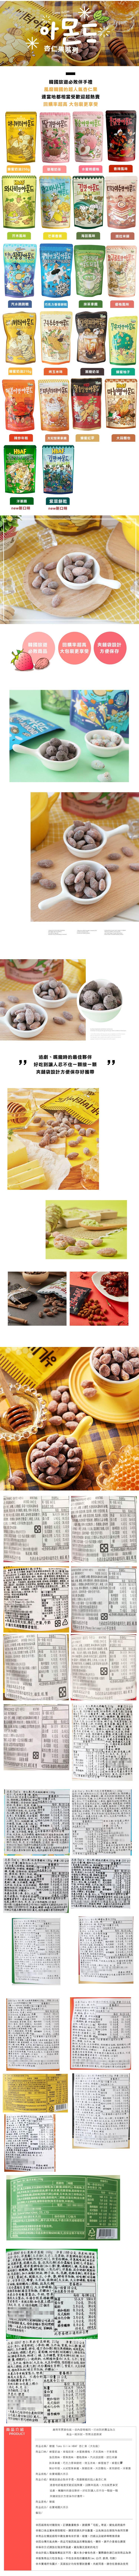 韓國 Toms Gilim 杏仁果 (大包裝) 杏仁果 蜂蜜杏仁果 芥末 海苔 草莓 水蜜桃 杏仁【SA Girl】